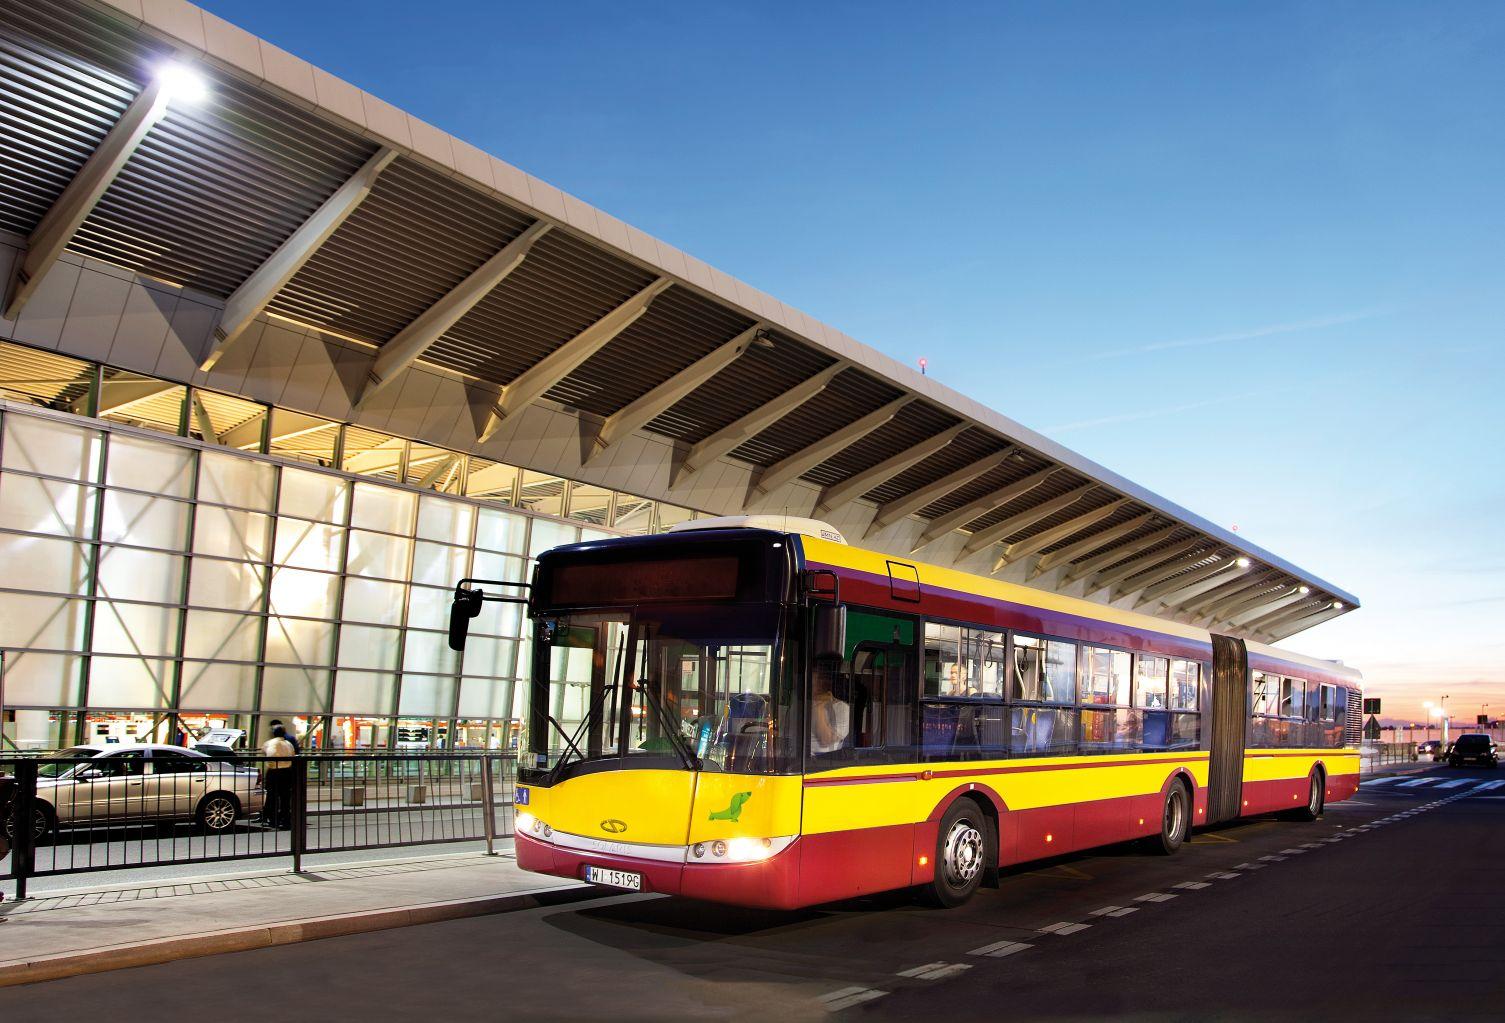 Solaris dostarczy 200 autobusów do Belgradu